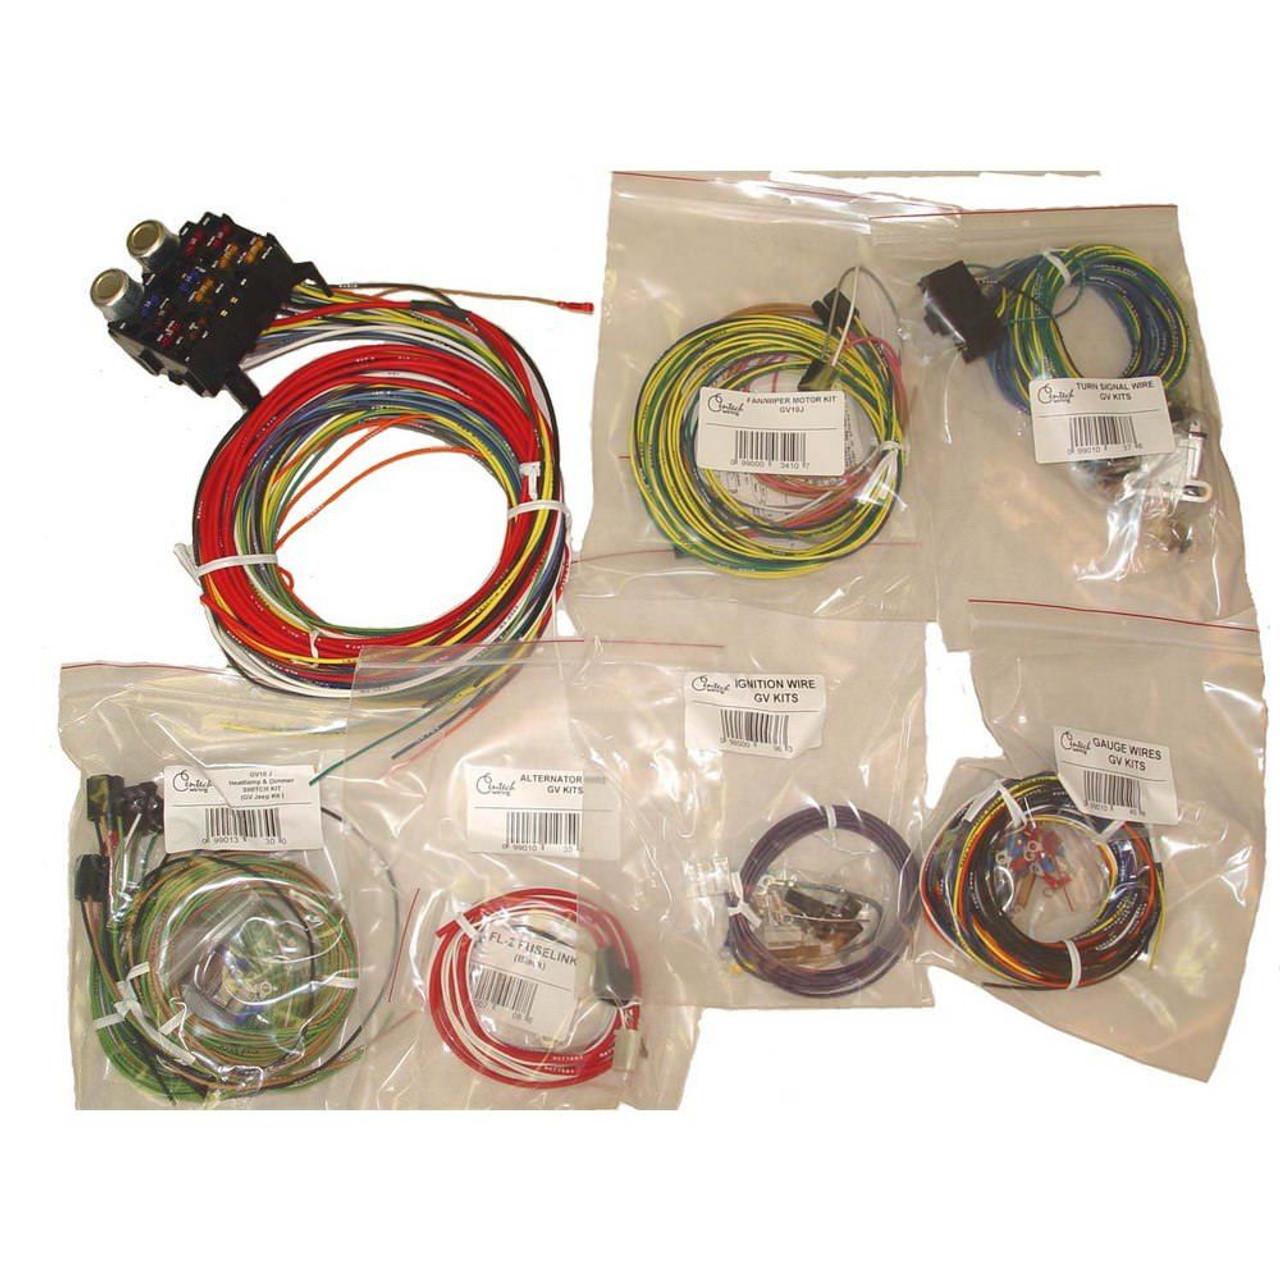 Cen Tech Wiring Harness Jeep Cj Diagram Library Cj7 Horn Omix Ada 17203 01 Centech 55 86 Jk Stereo